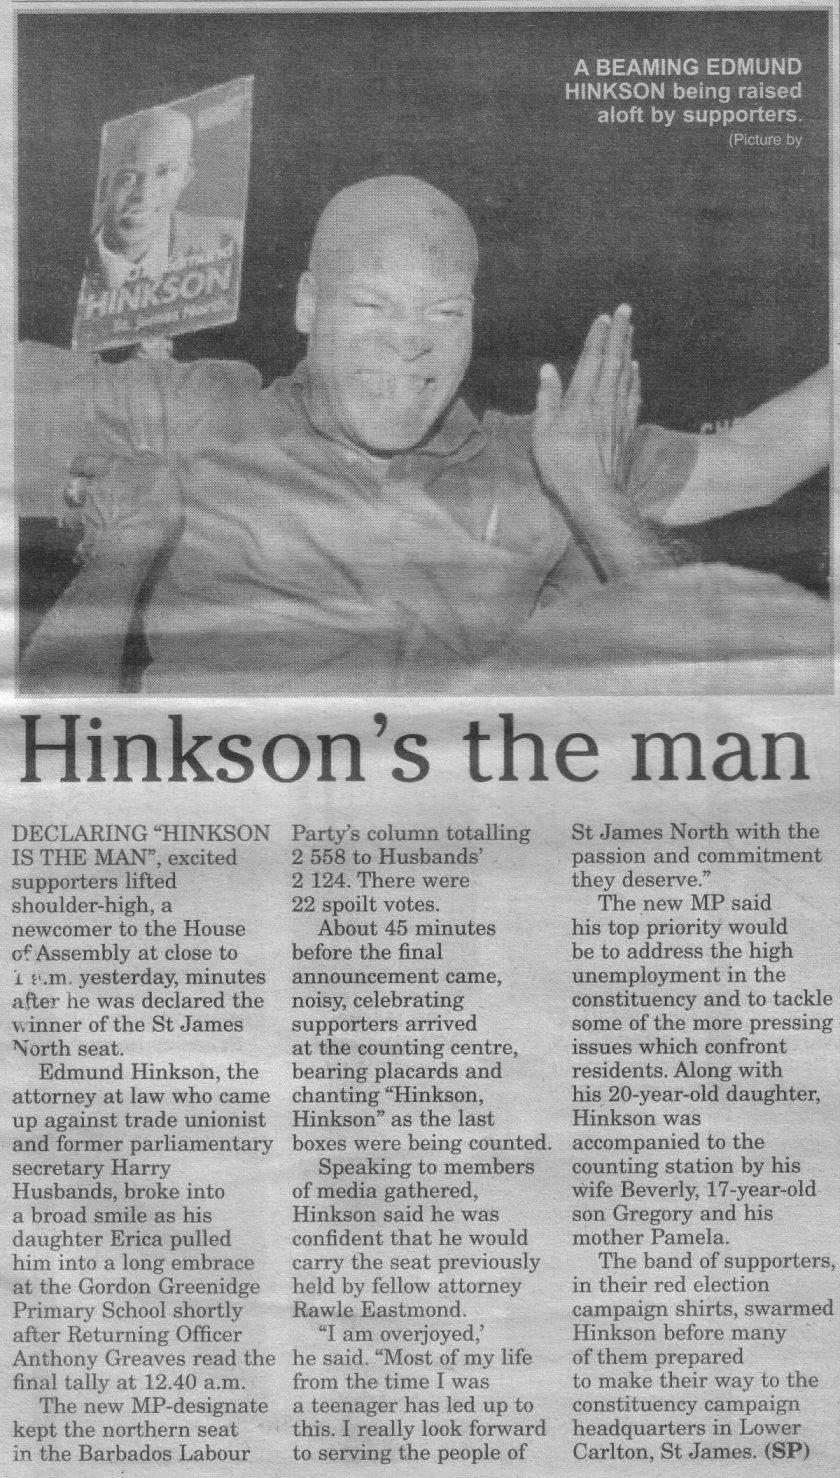 Hinkson's  the man - 2013-02-23 - Sunday Sun